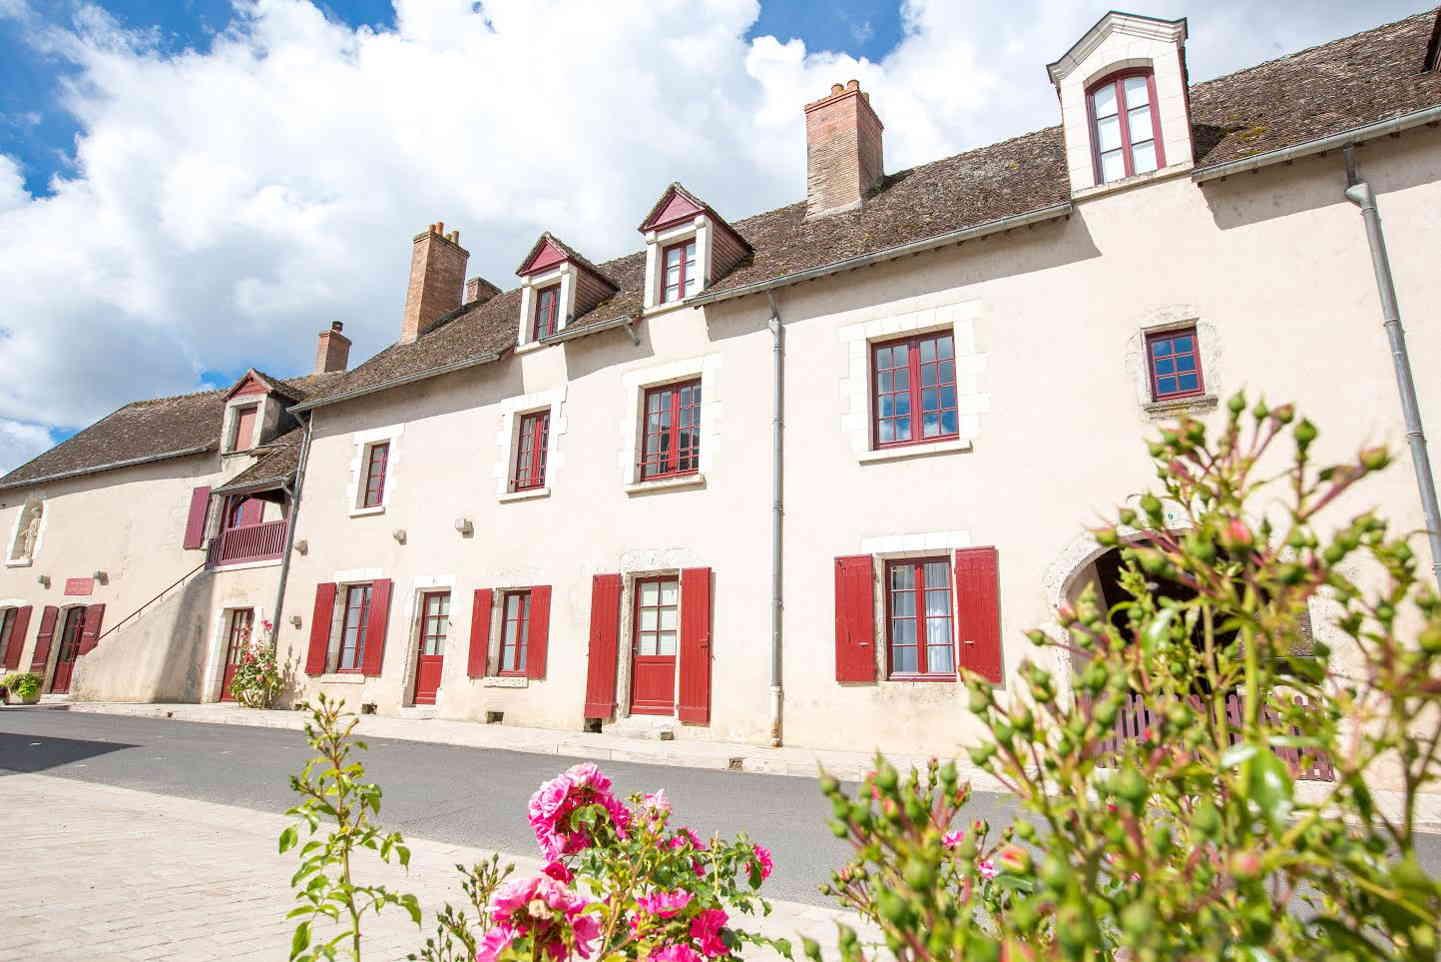 Location de vacances au chateau de Cheverny